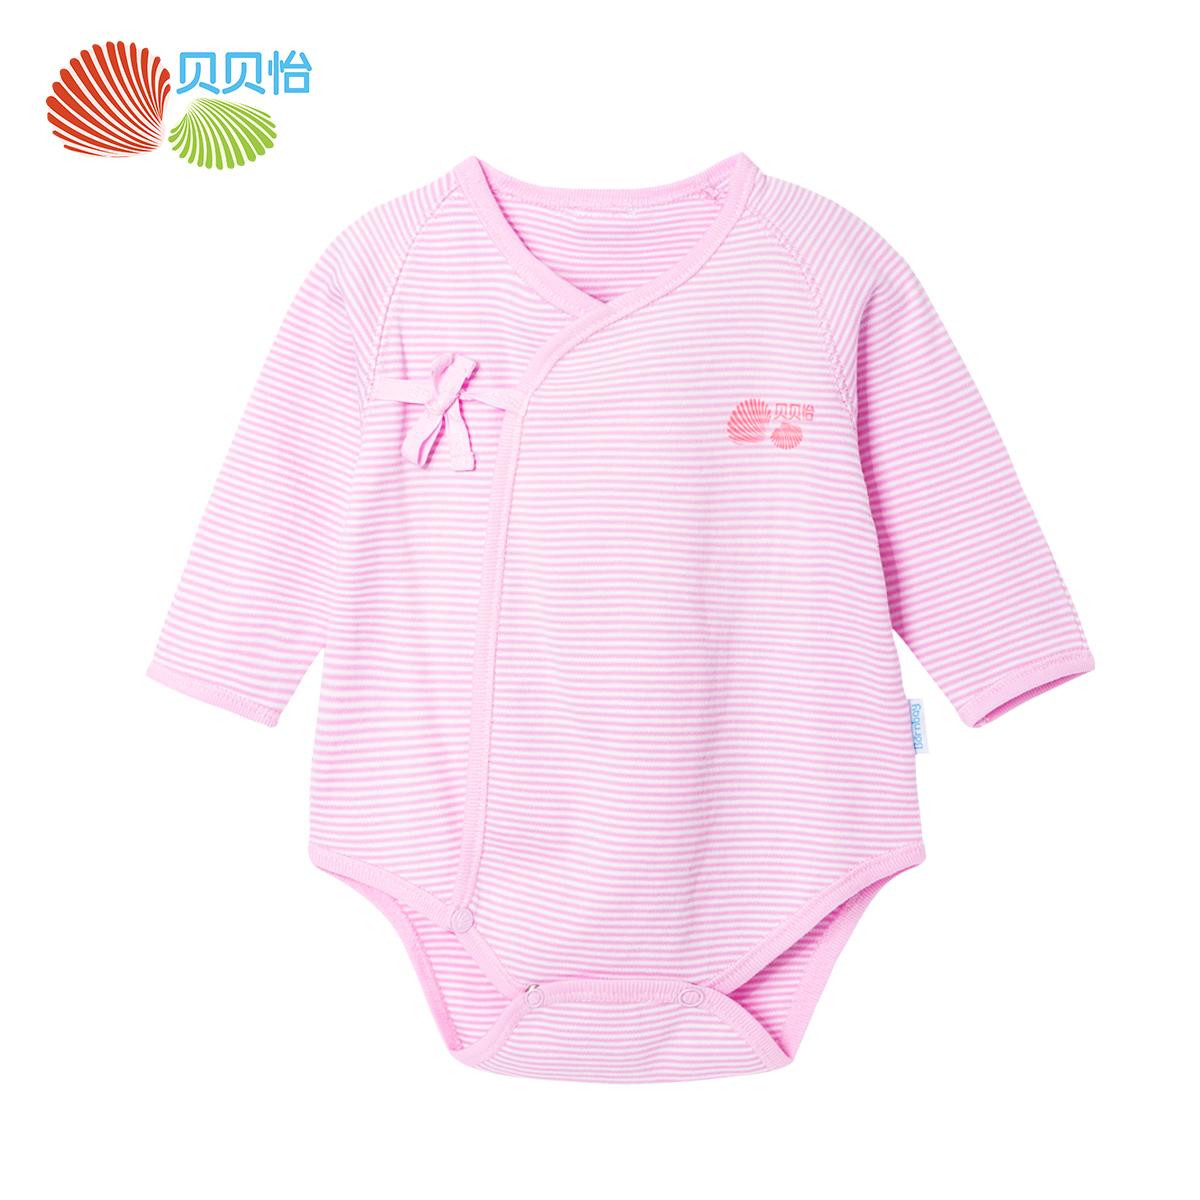 贝贝怡婴儿包屁衣长袖纯棉条纹新生儿衣服宝宝内衣三角哈衣BB713